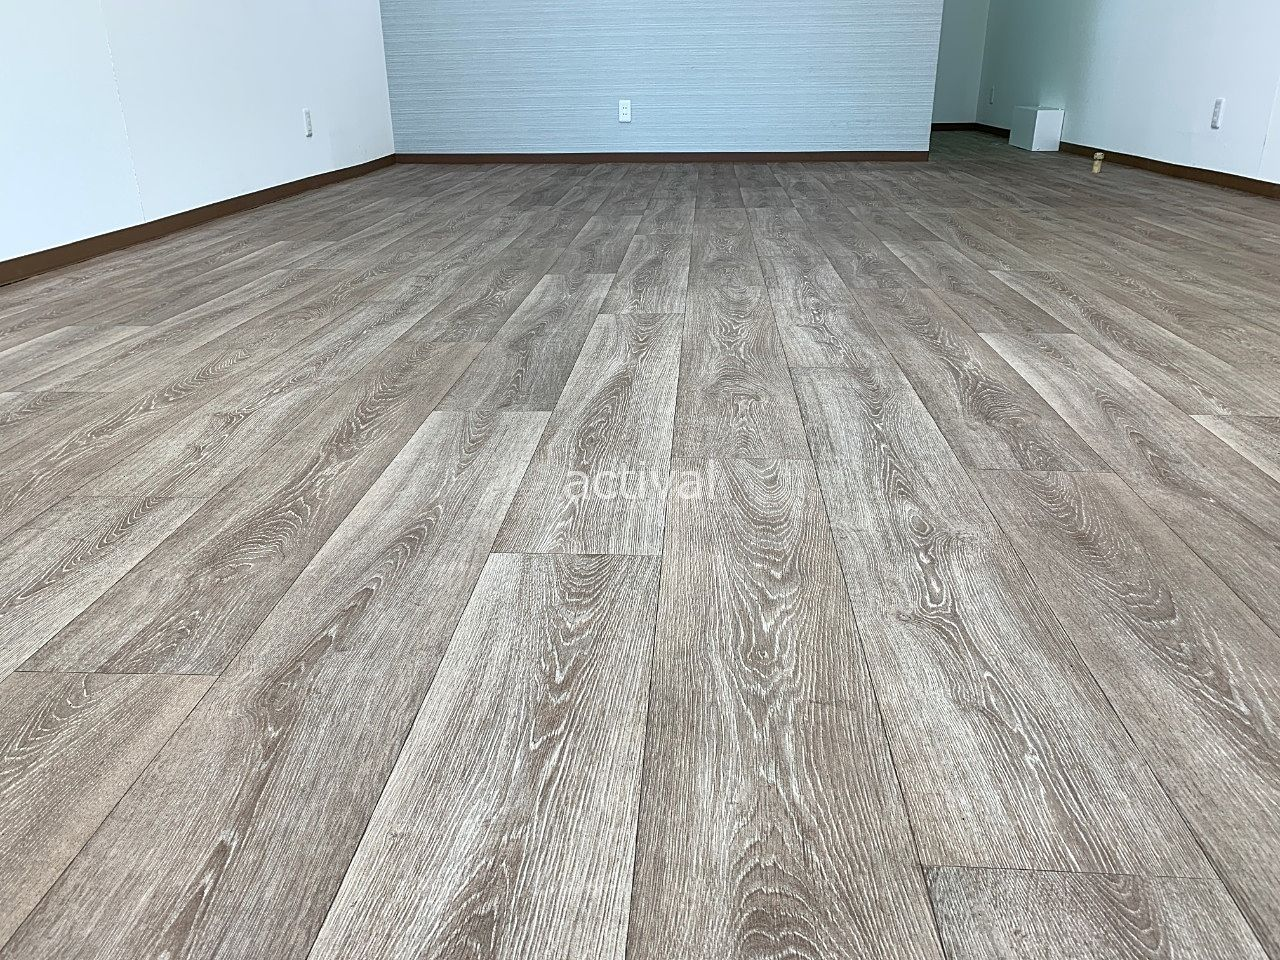 ア・ス・ヴェルデⅡ週貸し店舗の掃き掃除完了です!